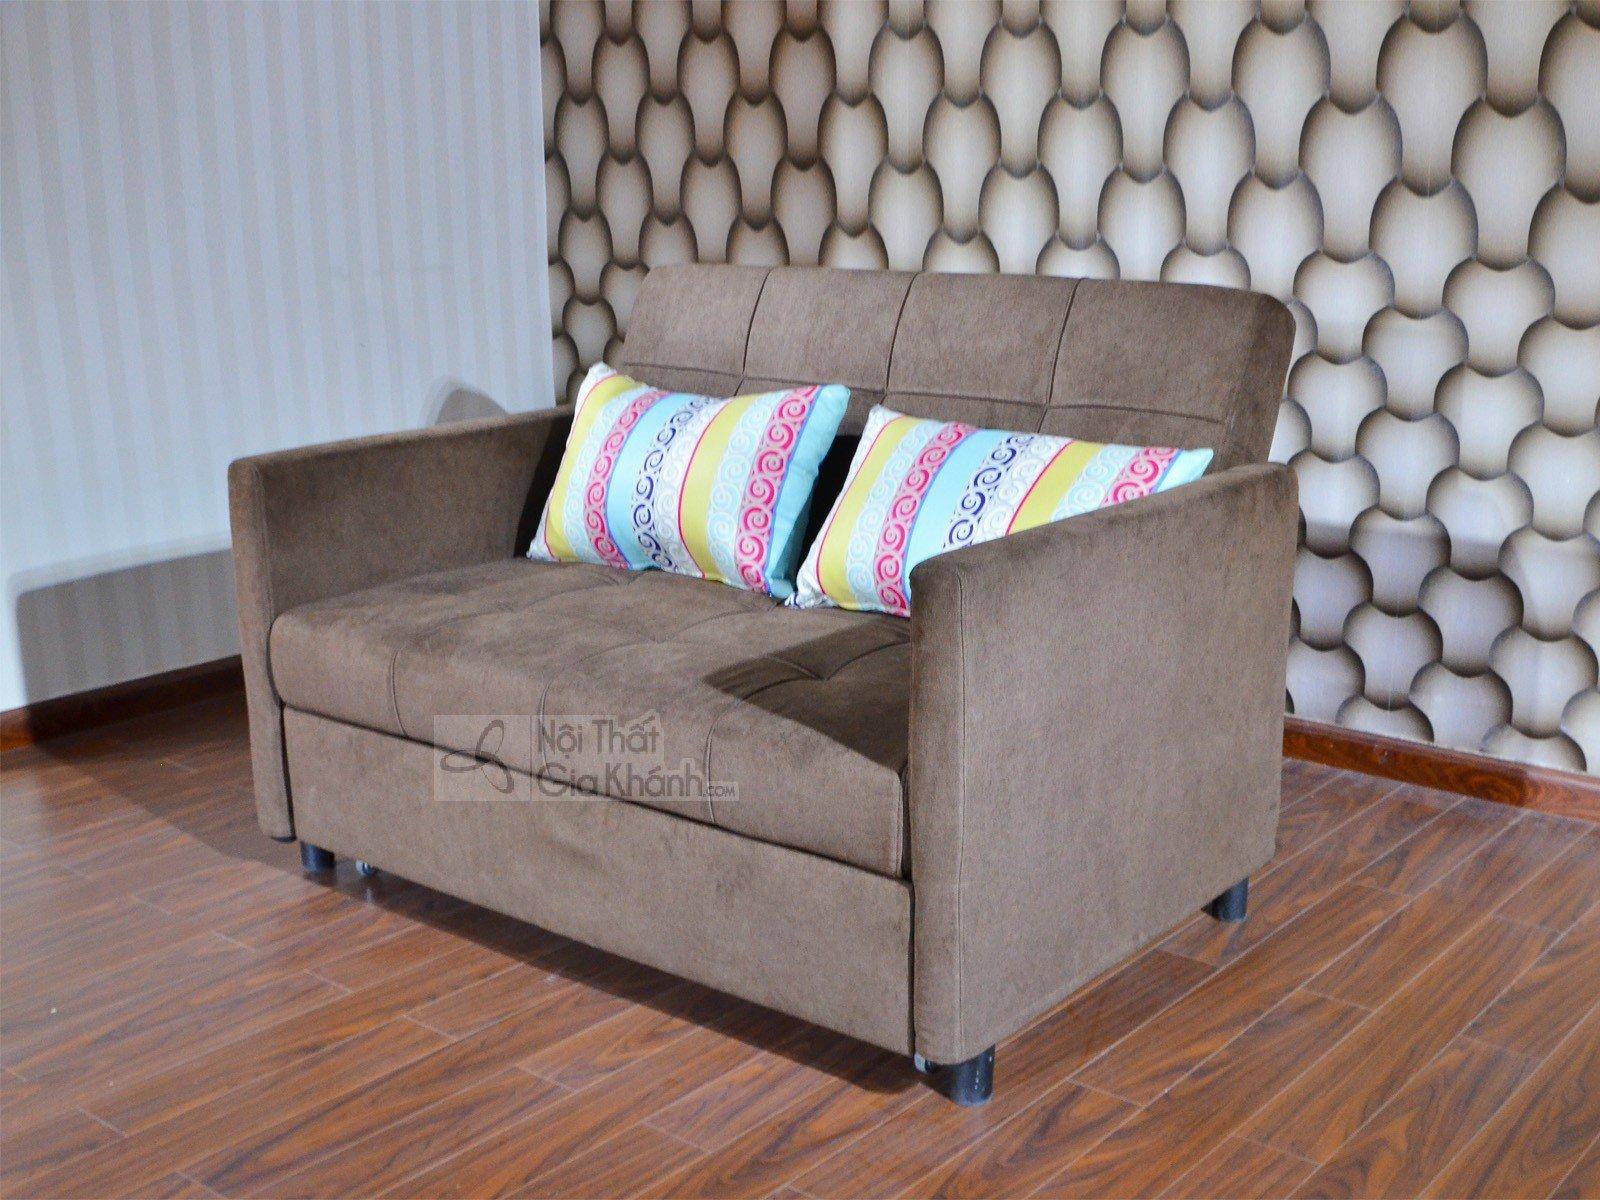 Sofa đa năng - Sofa giường - Sofa bed mã SF161-7 - sofa da nang SF161 7